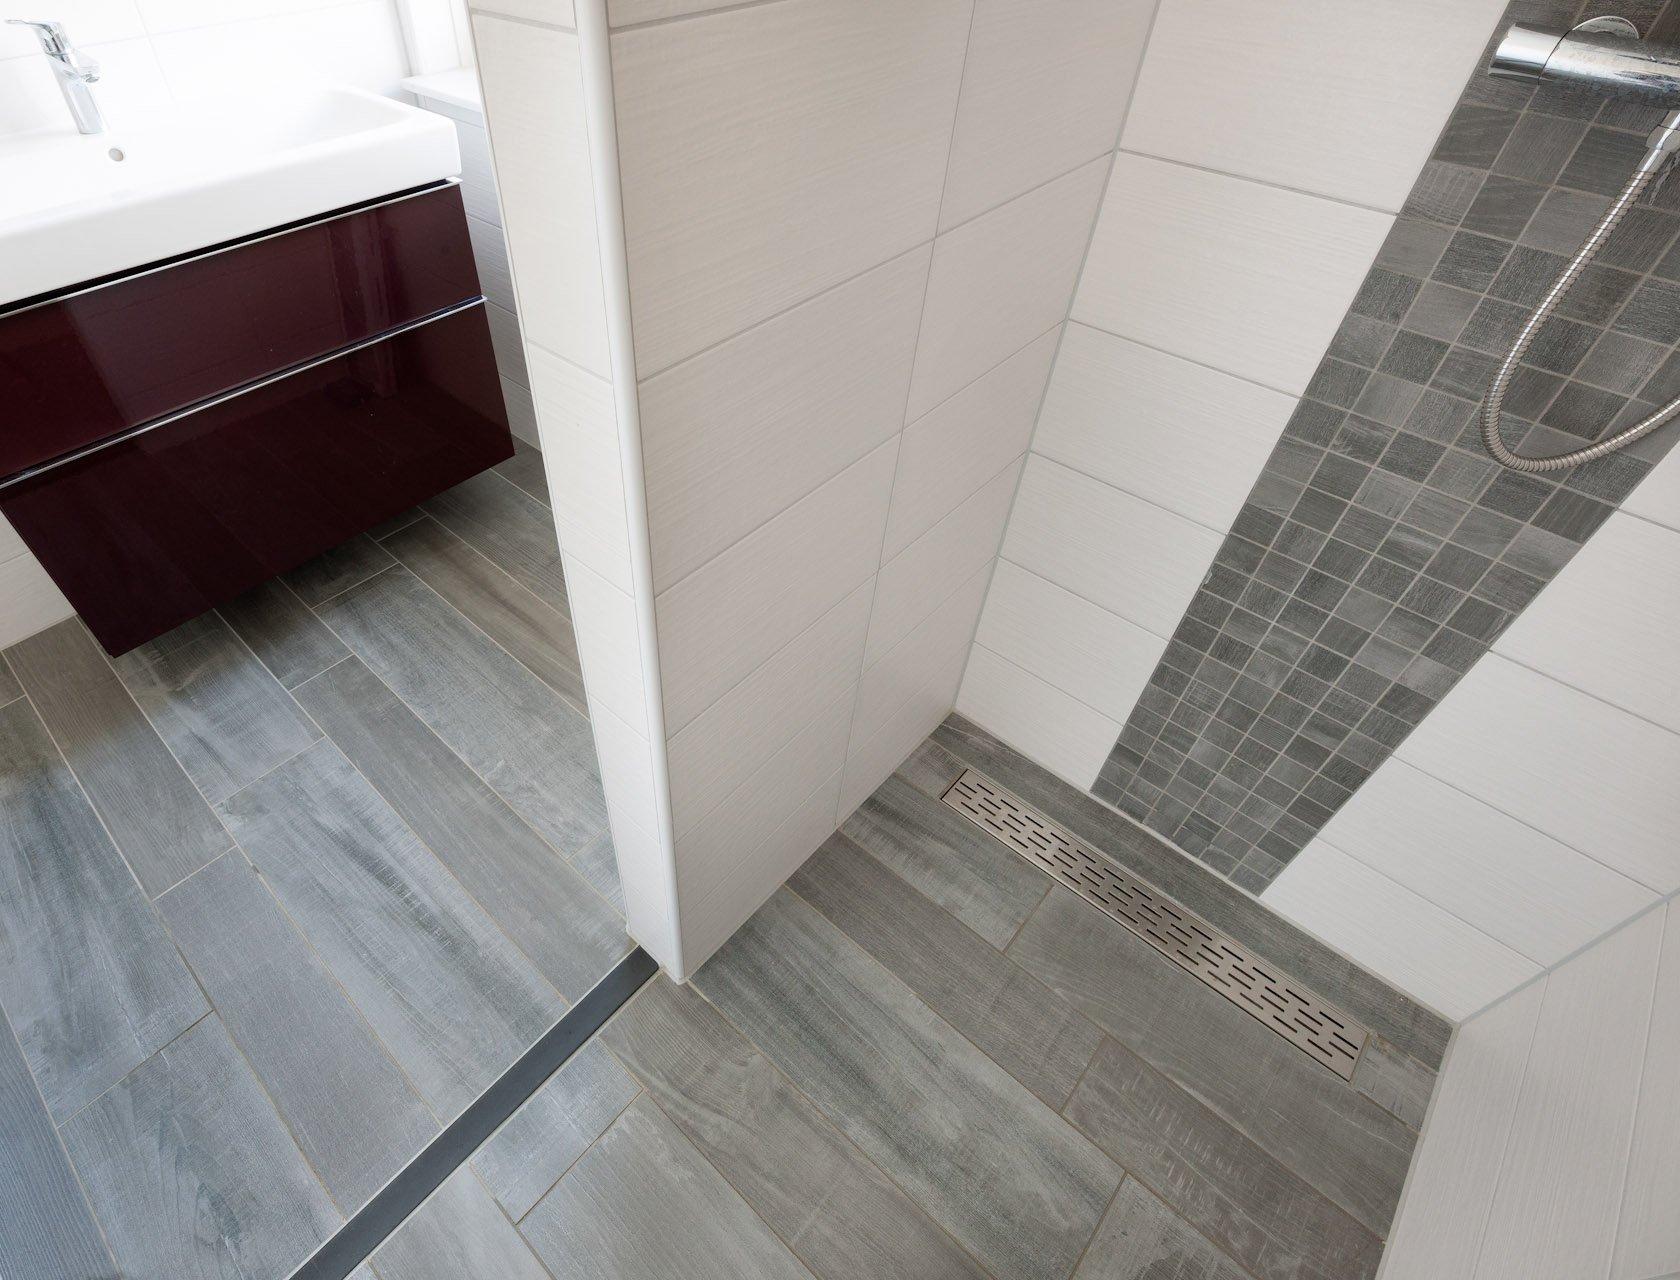 Badkamermeubels houtlook houtlook tegels badkamer door badkamer